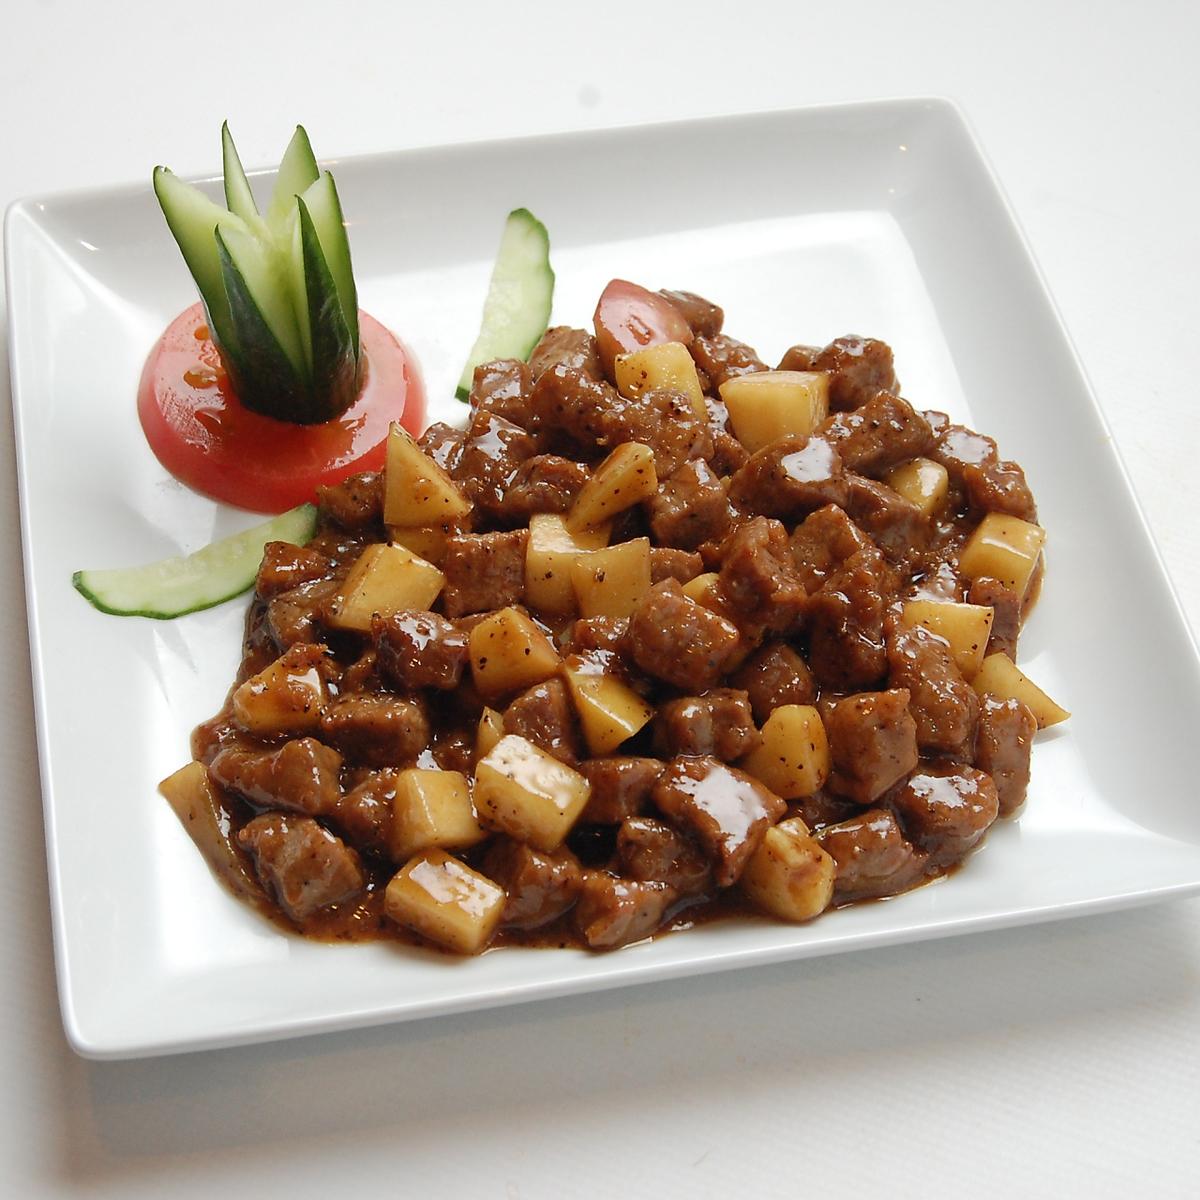 쇠고기와 사과 후추 볶음